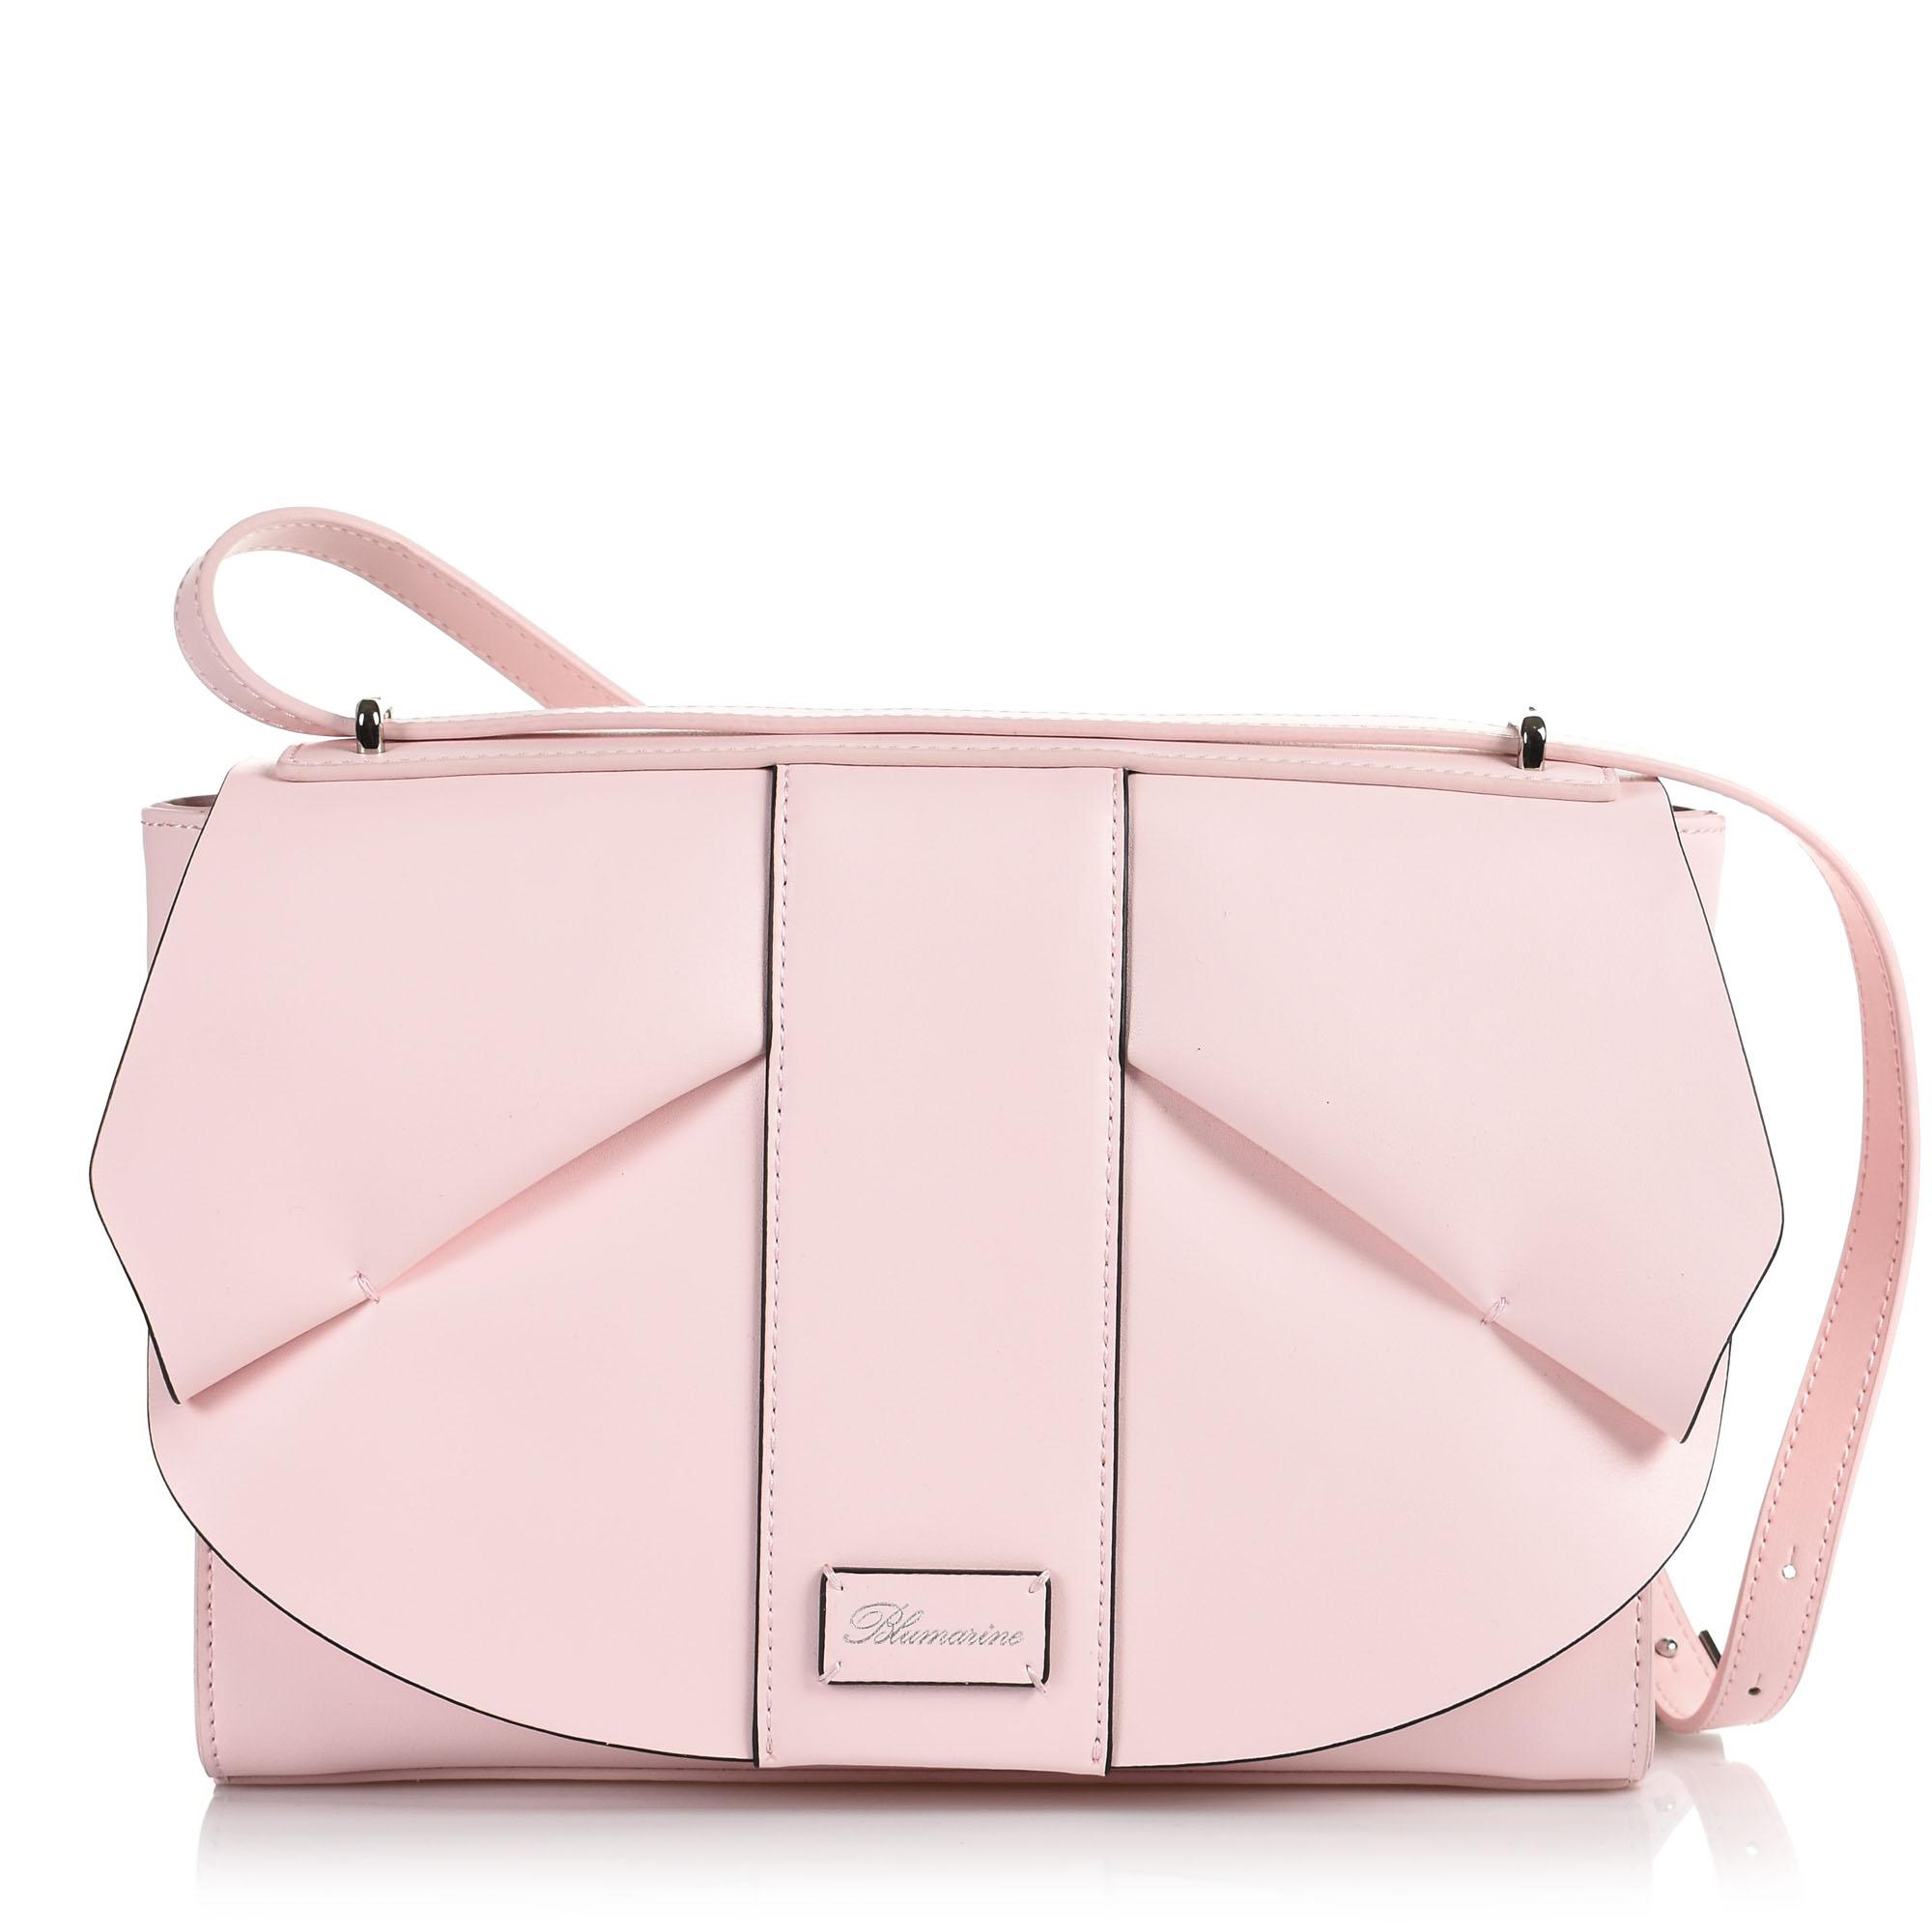 Δερμάτινη Τσάντα Ώμου Blumarine Olivia B35.003